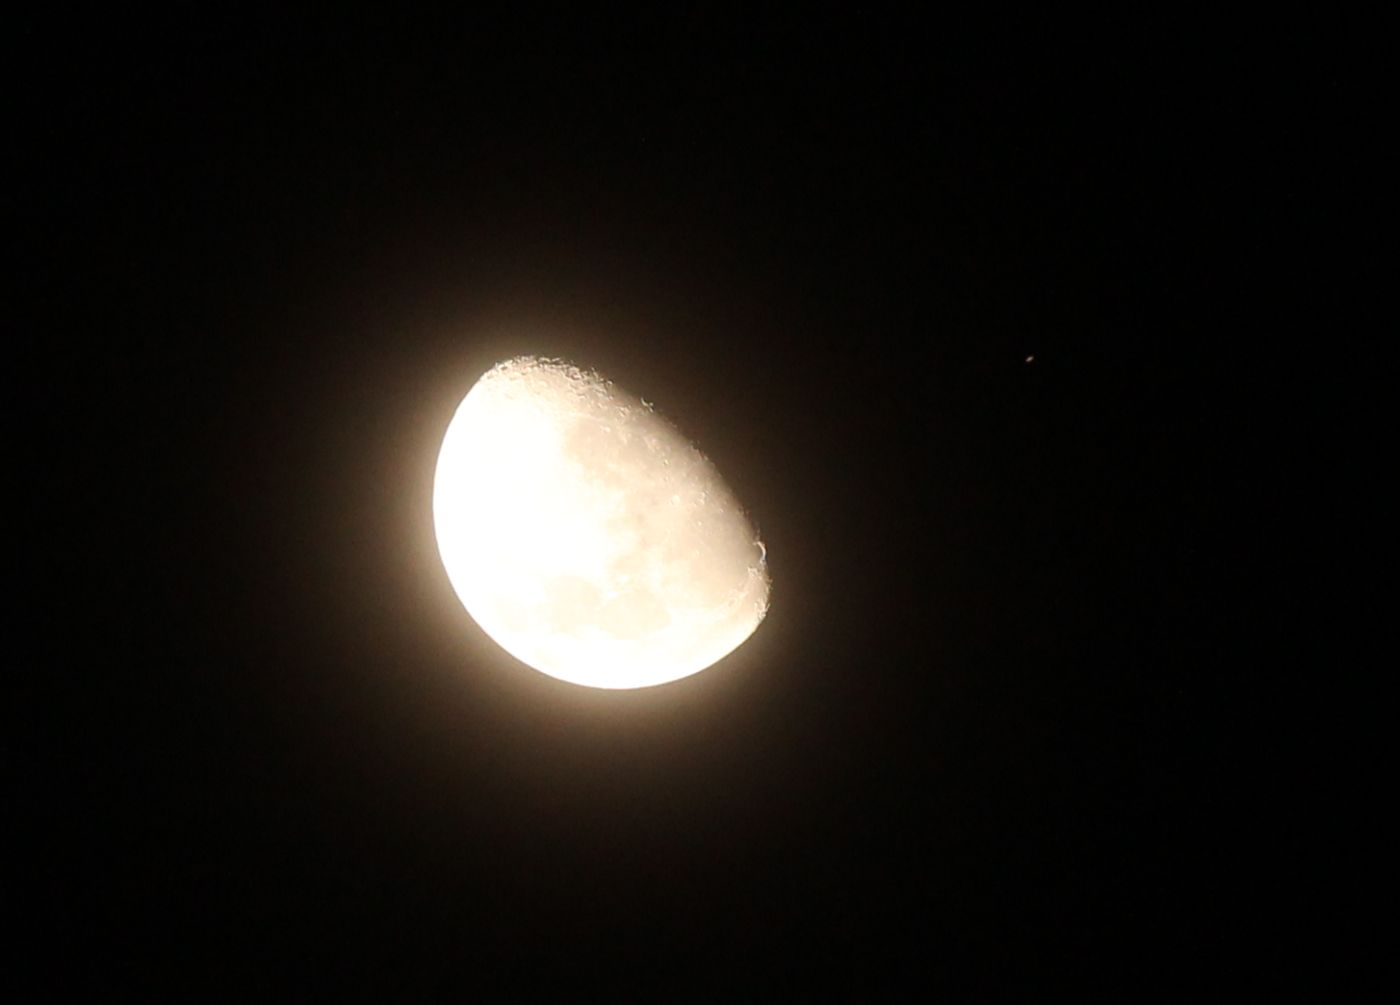 Mond und Saturn, etwa eine Viertelstunde vor der Bedeckung. Saturn ist der kleine Lichtpunkt rechts vom Mond. Aufnahme mit einem 200mm Teleobjektiv.